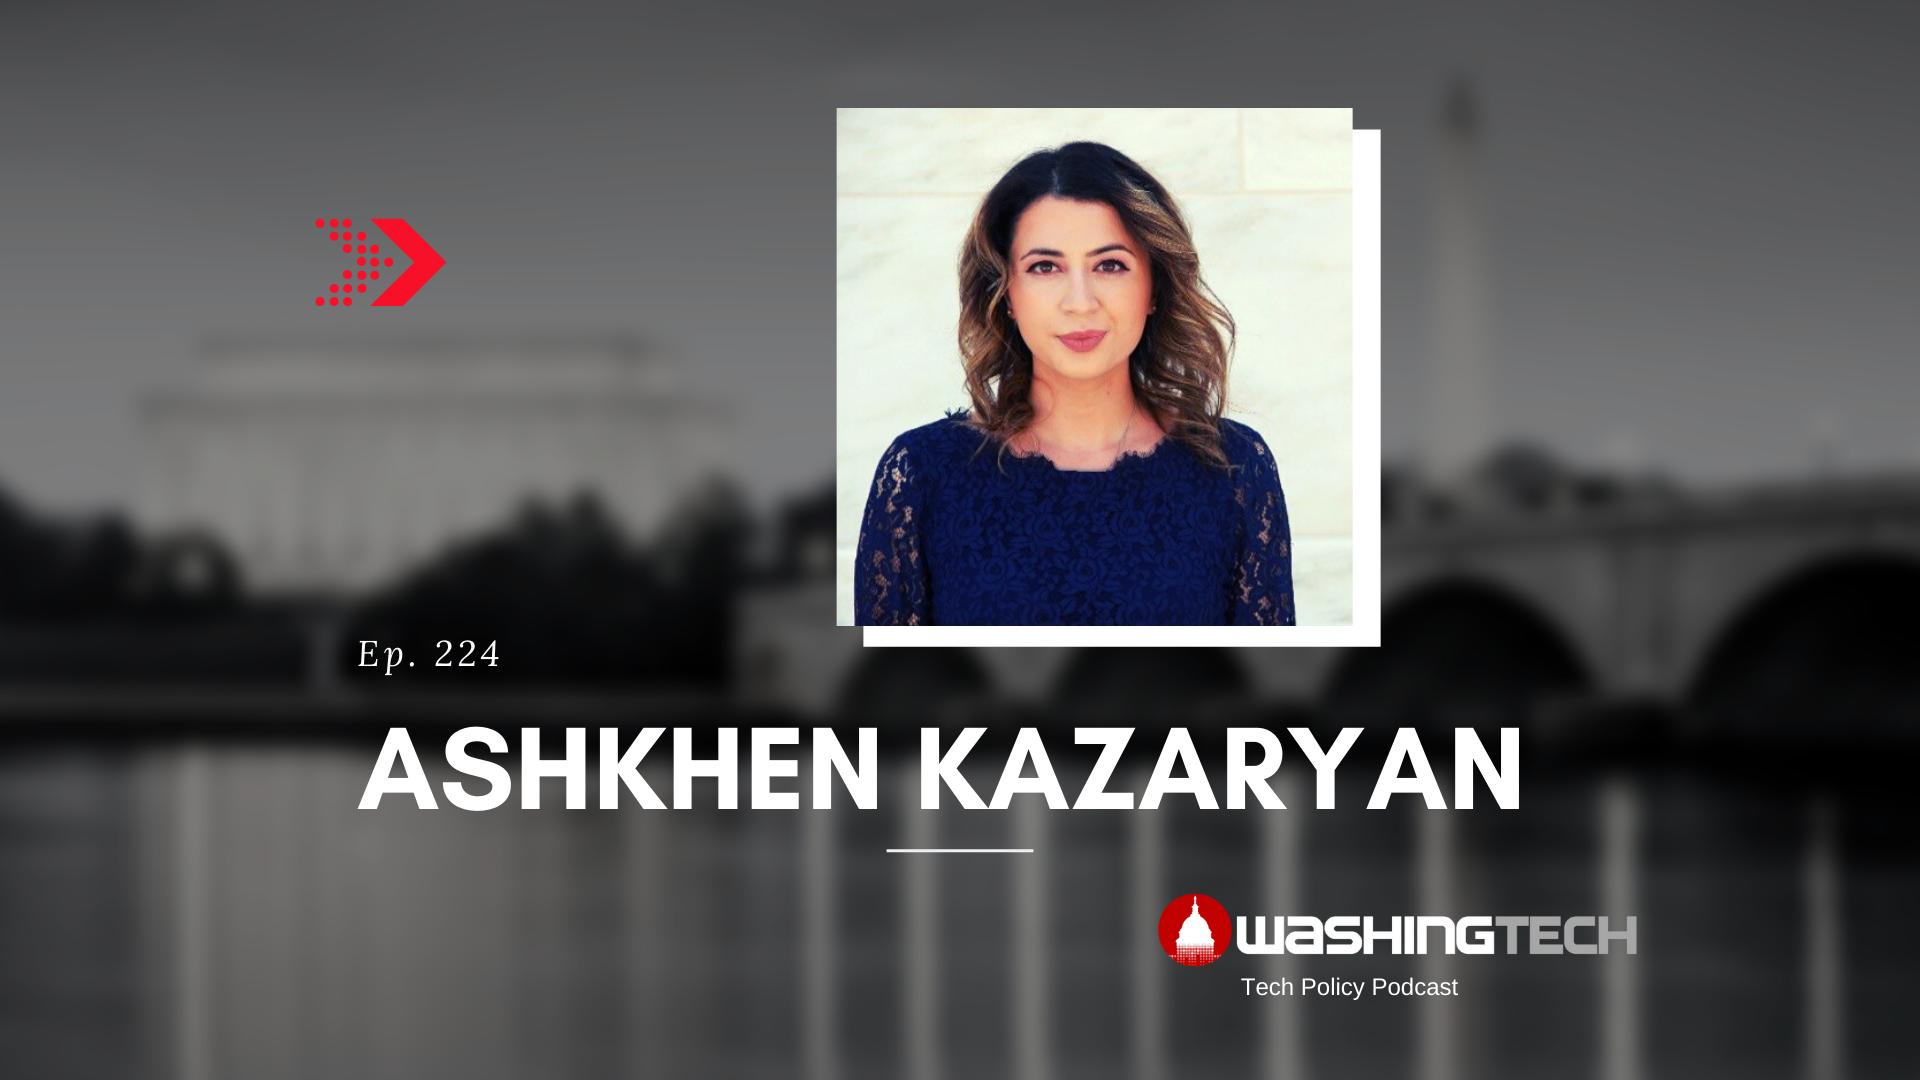 Ashkhen Kazaryan